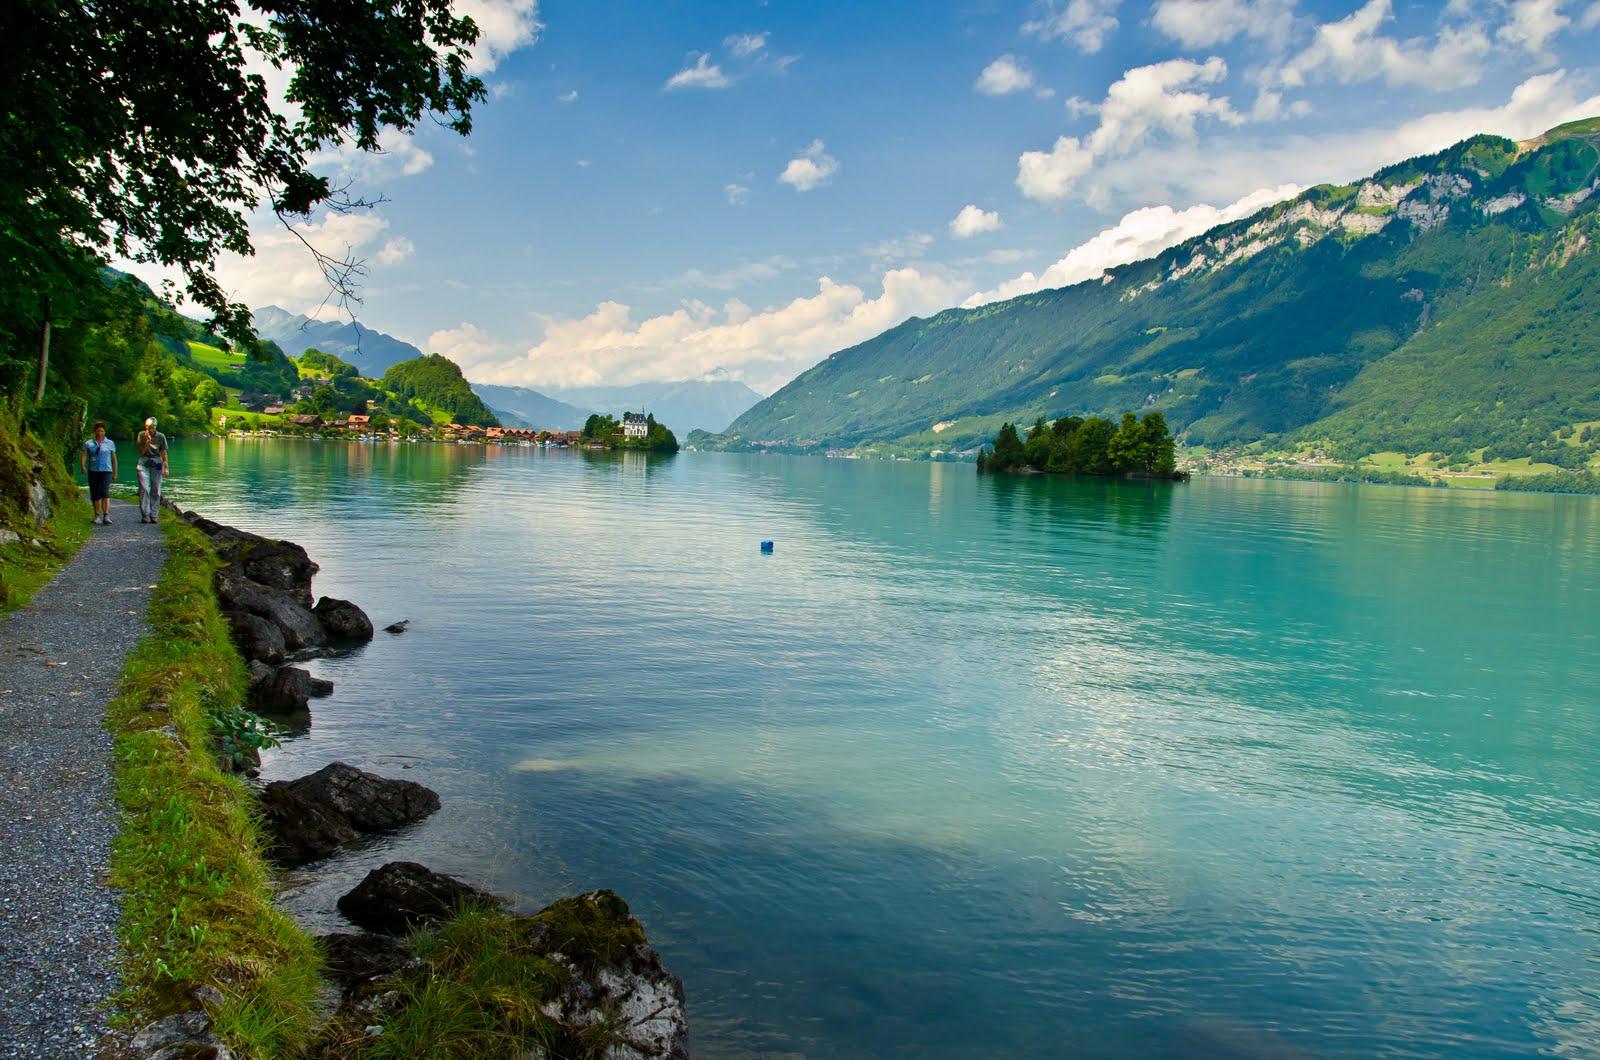 Plimbările pe malurile lacului te încarcă cu energie